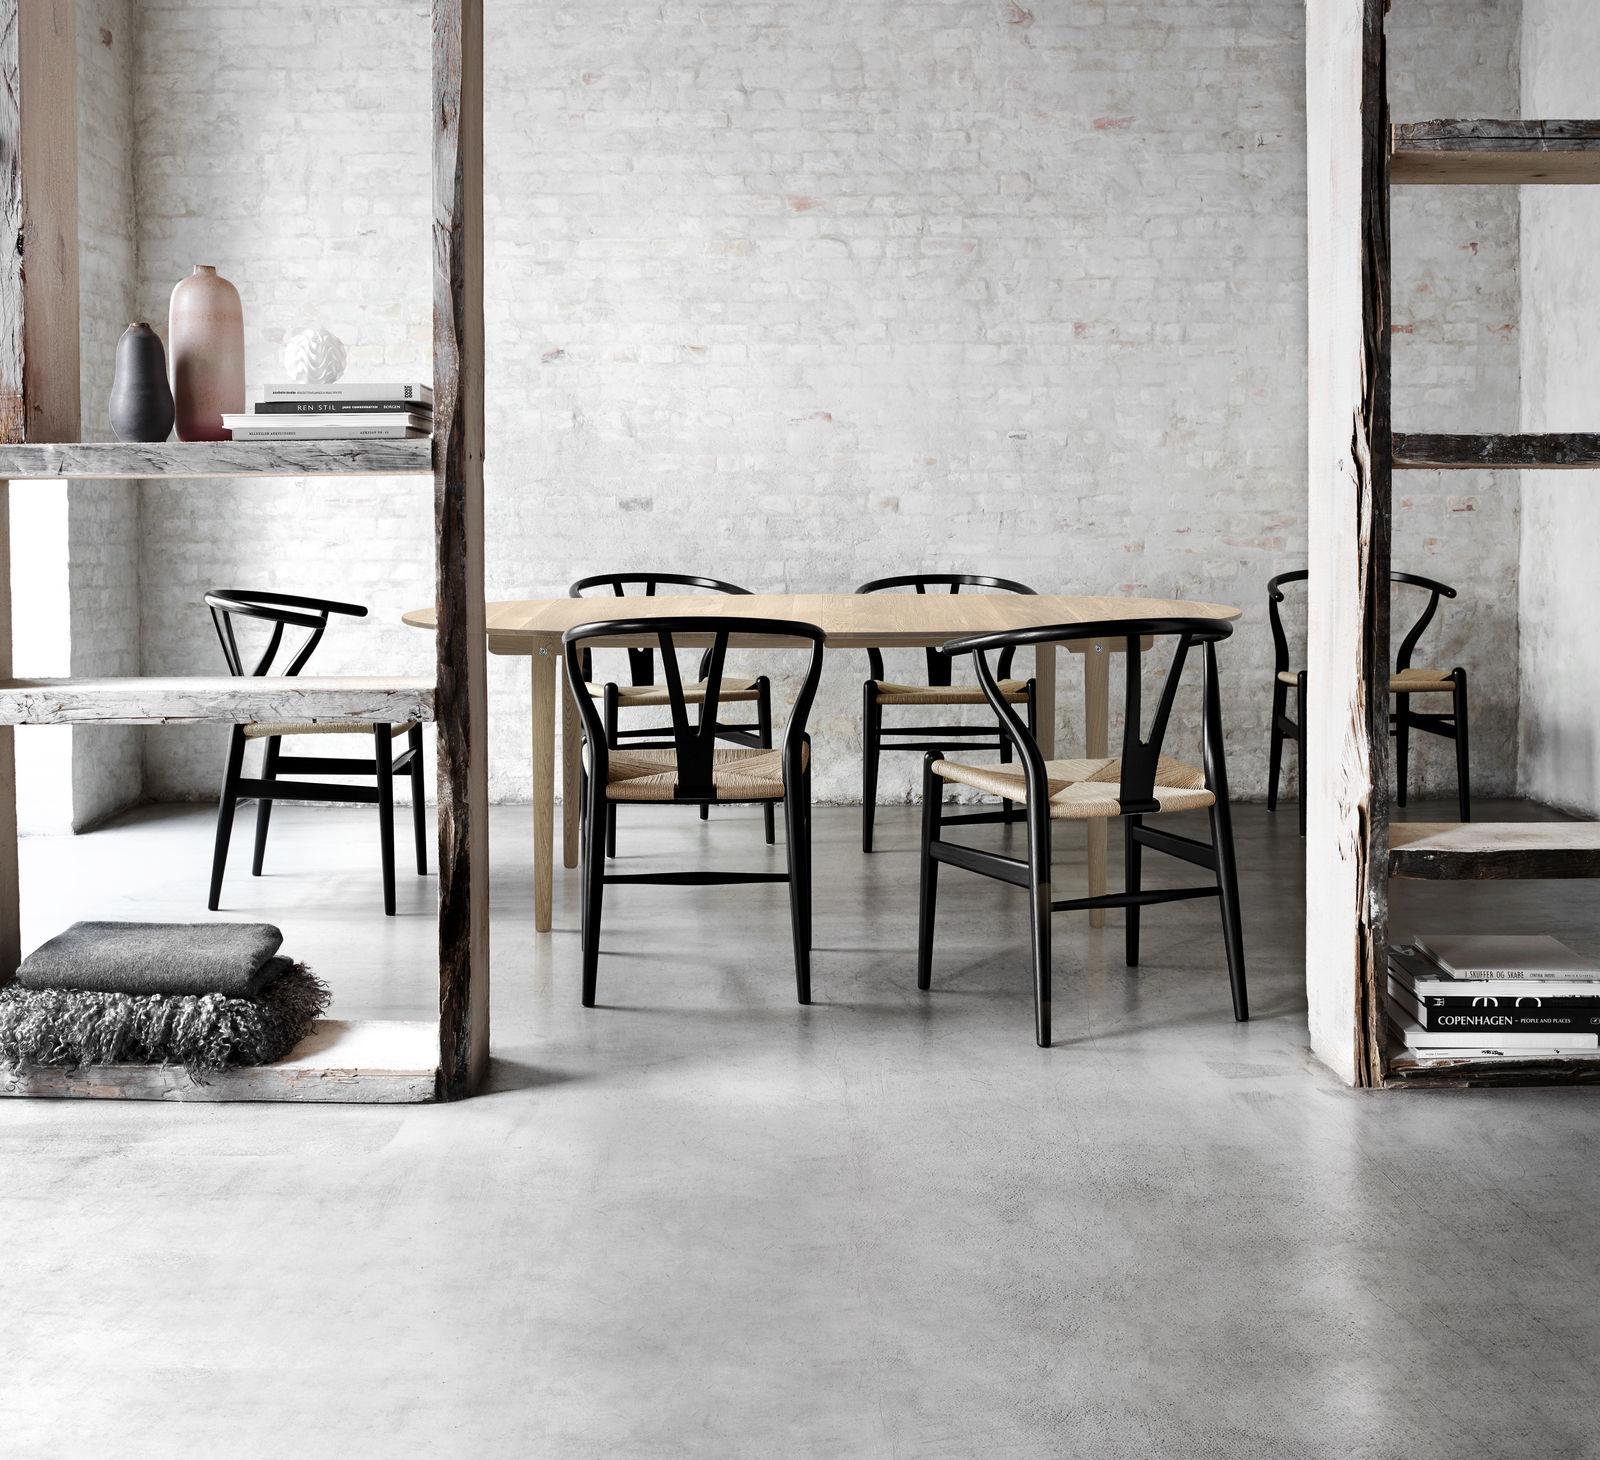 y-stol CH24 Hans J. Wegner Carl Hansen & Søn